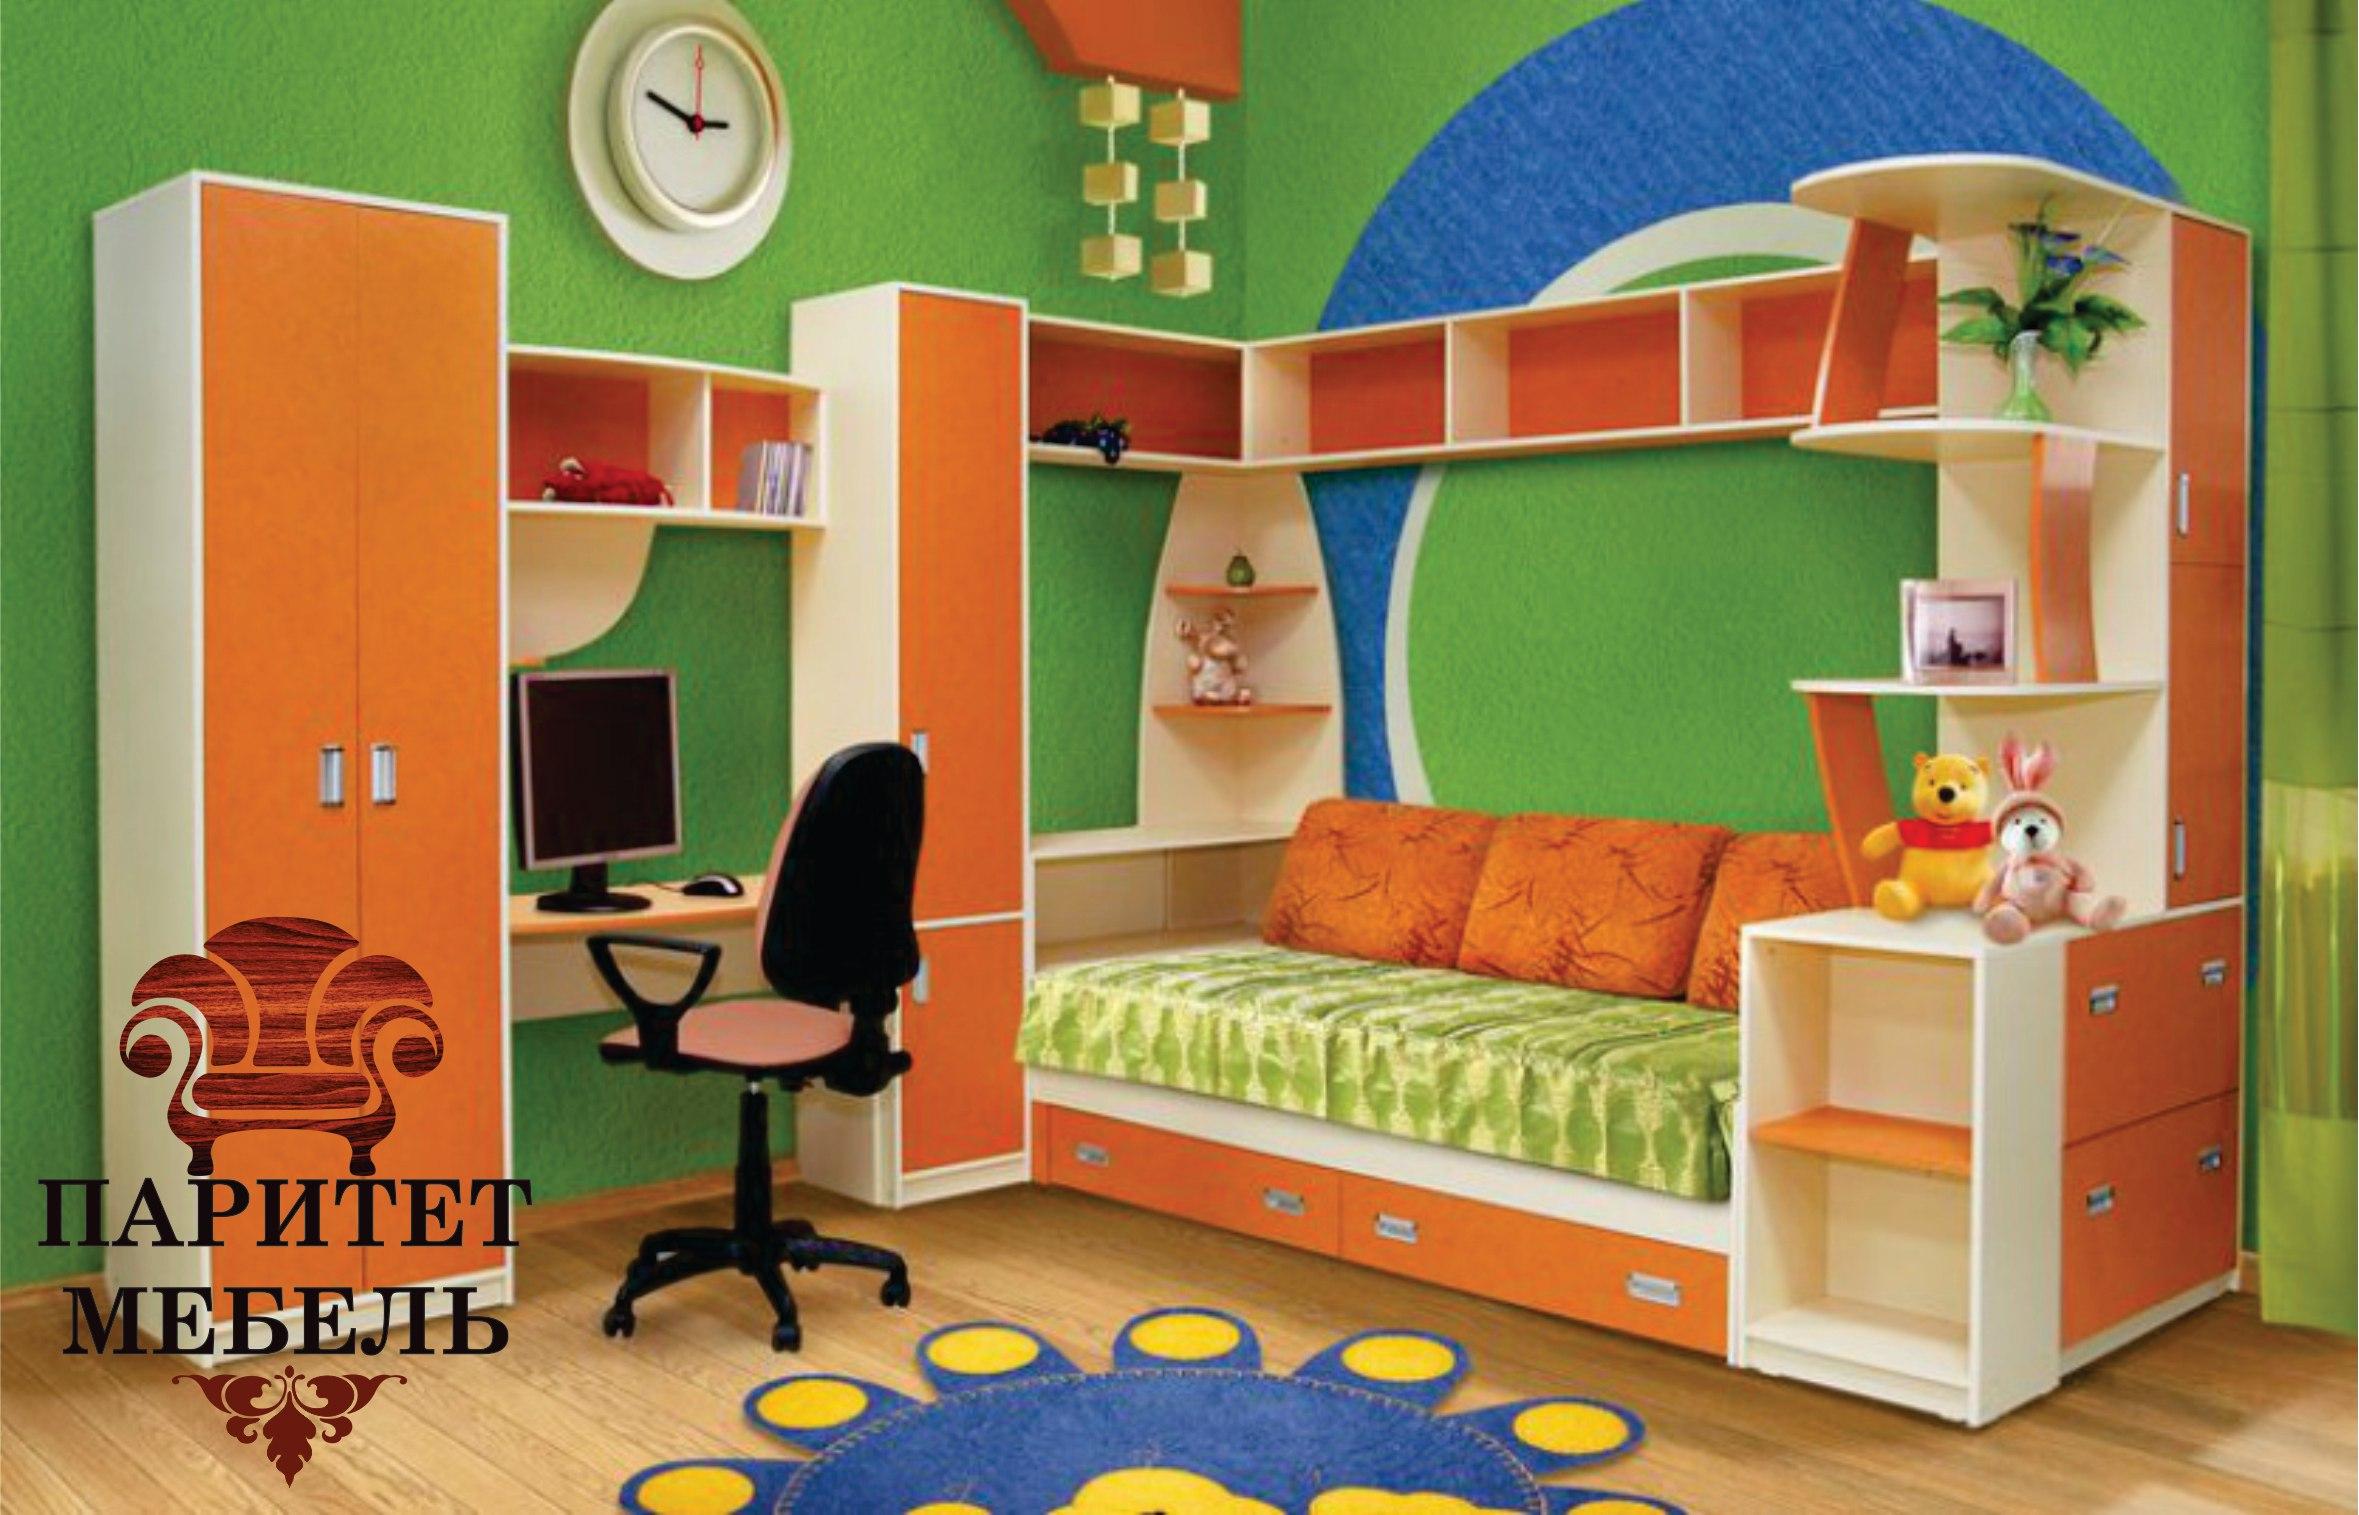 Planetlab кухонная - мебель барнаул - изготовление мебели..